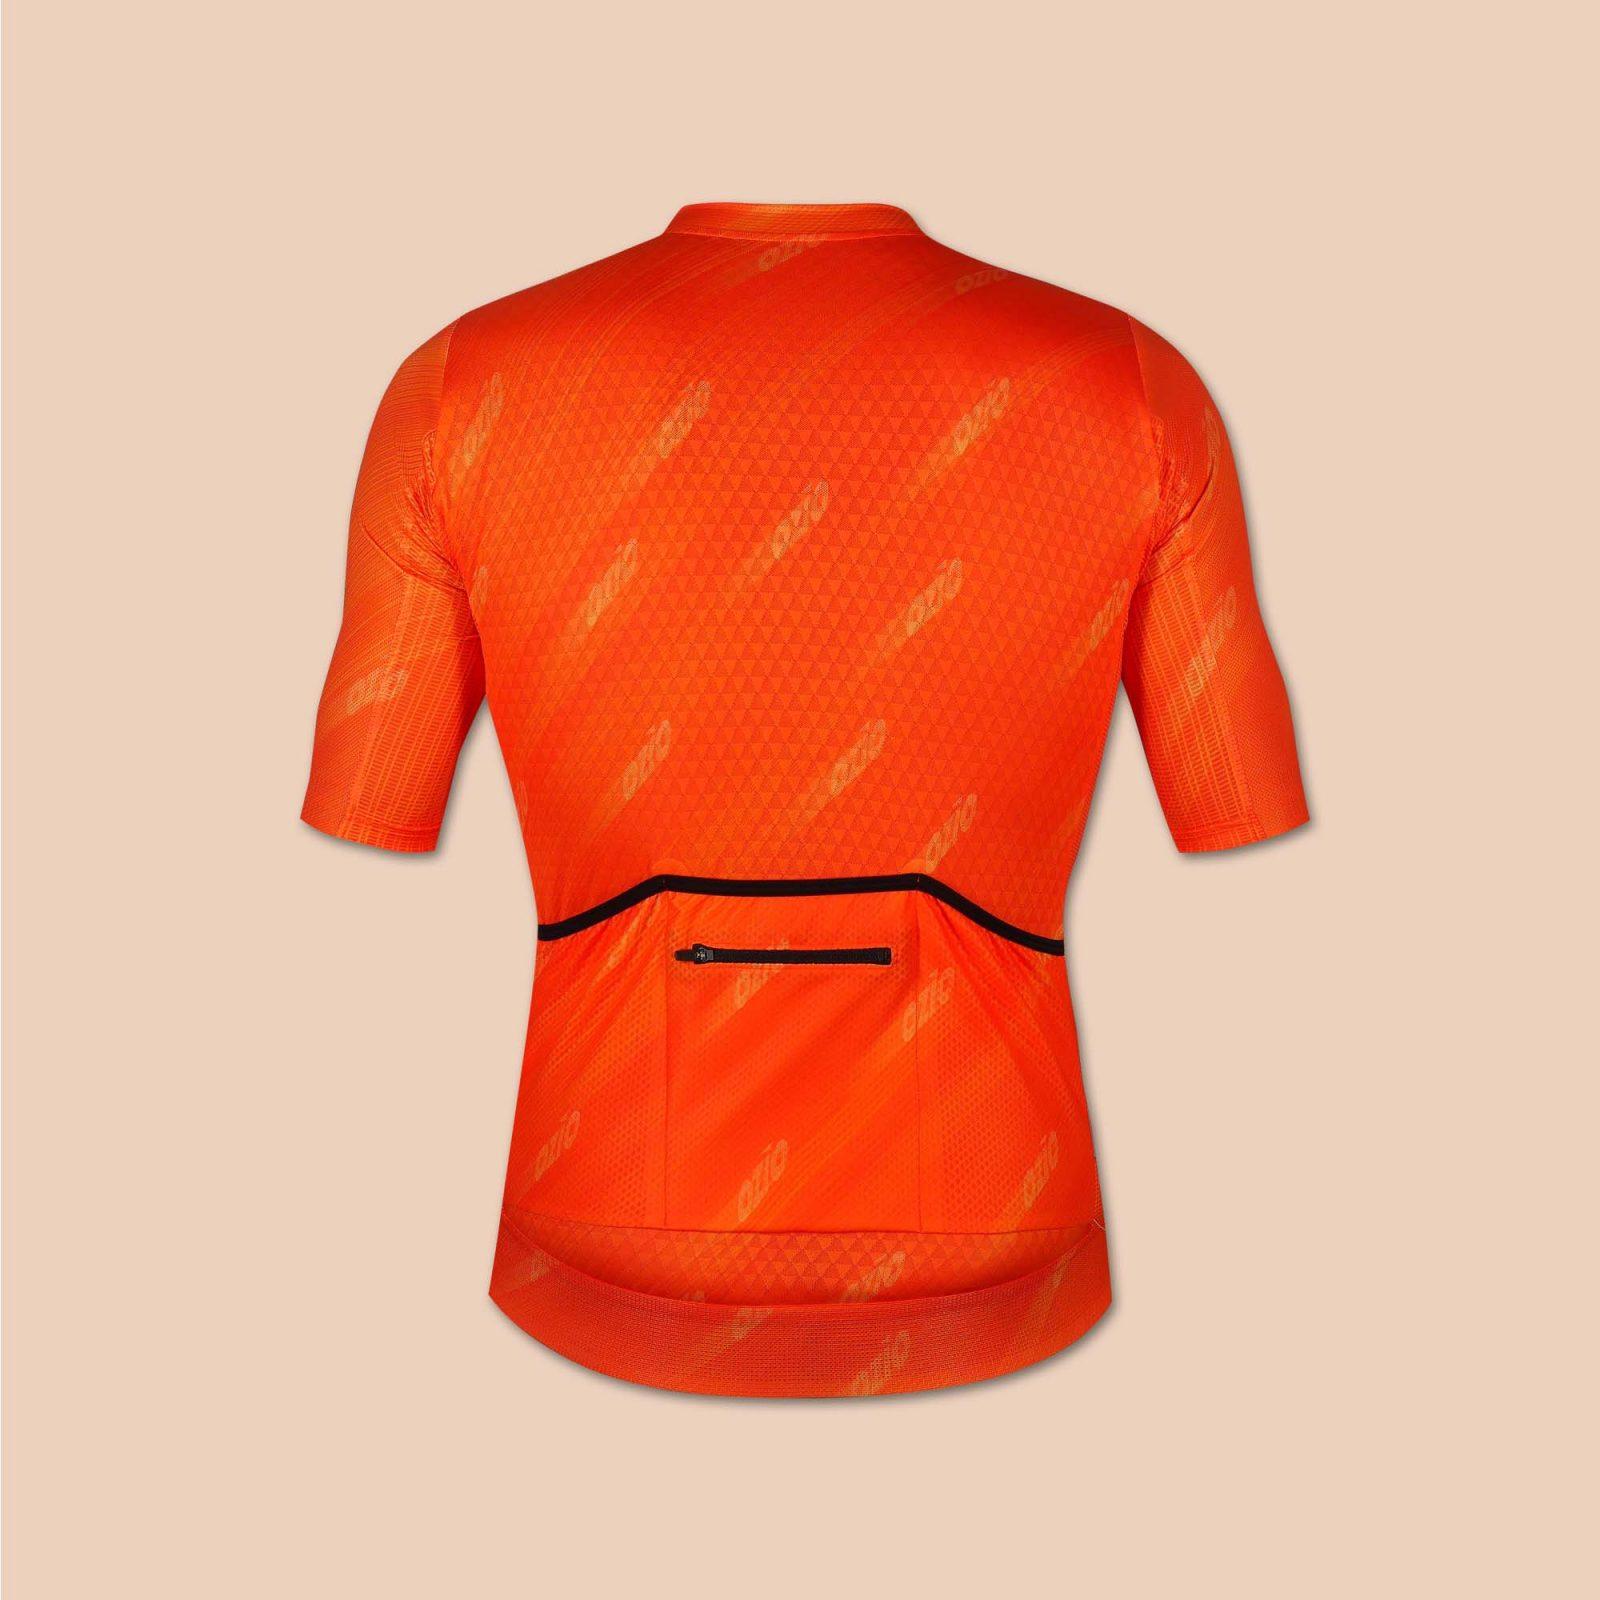 Maillot homme vélo orange arrière uni ozio